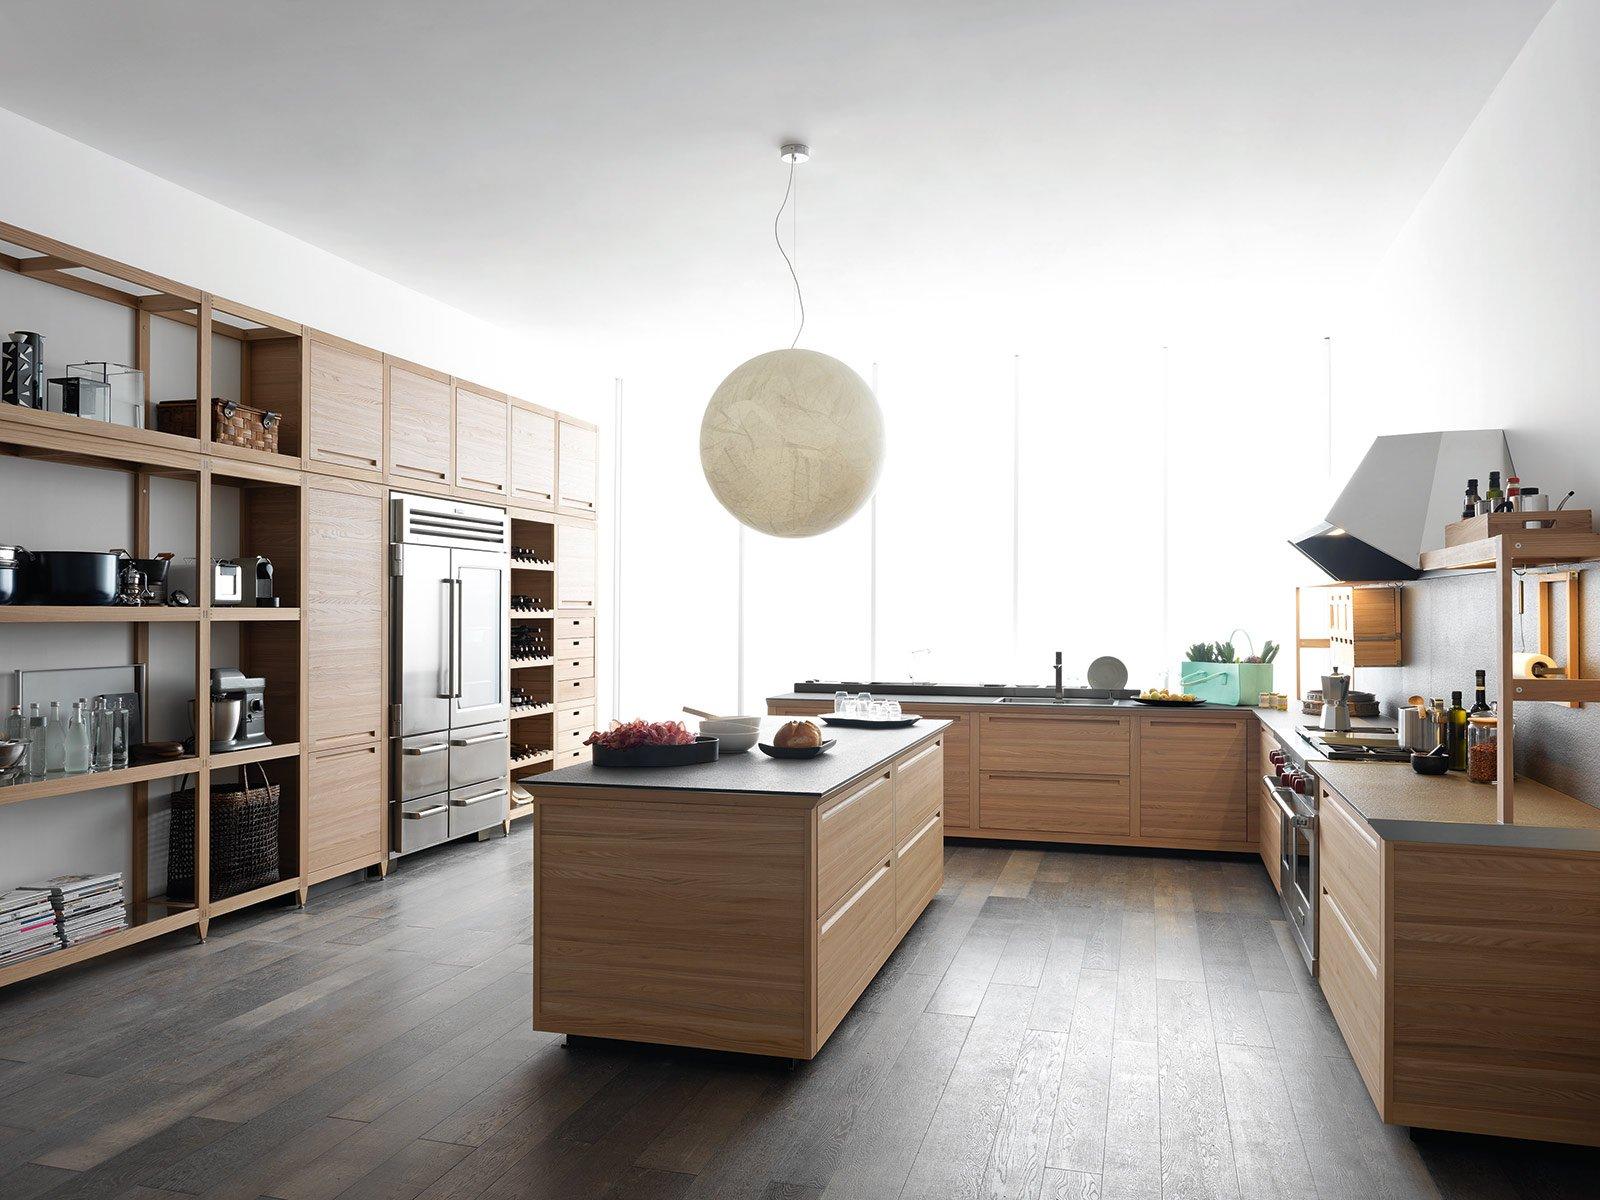 ... legno moderno. Cucine moderne legno naturale. Cucine moderne legno e